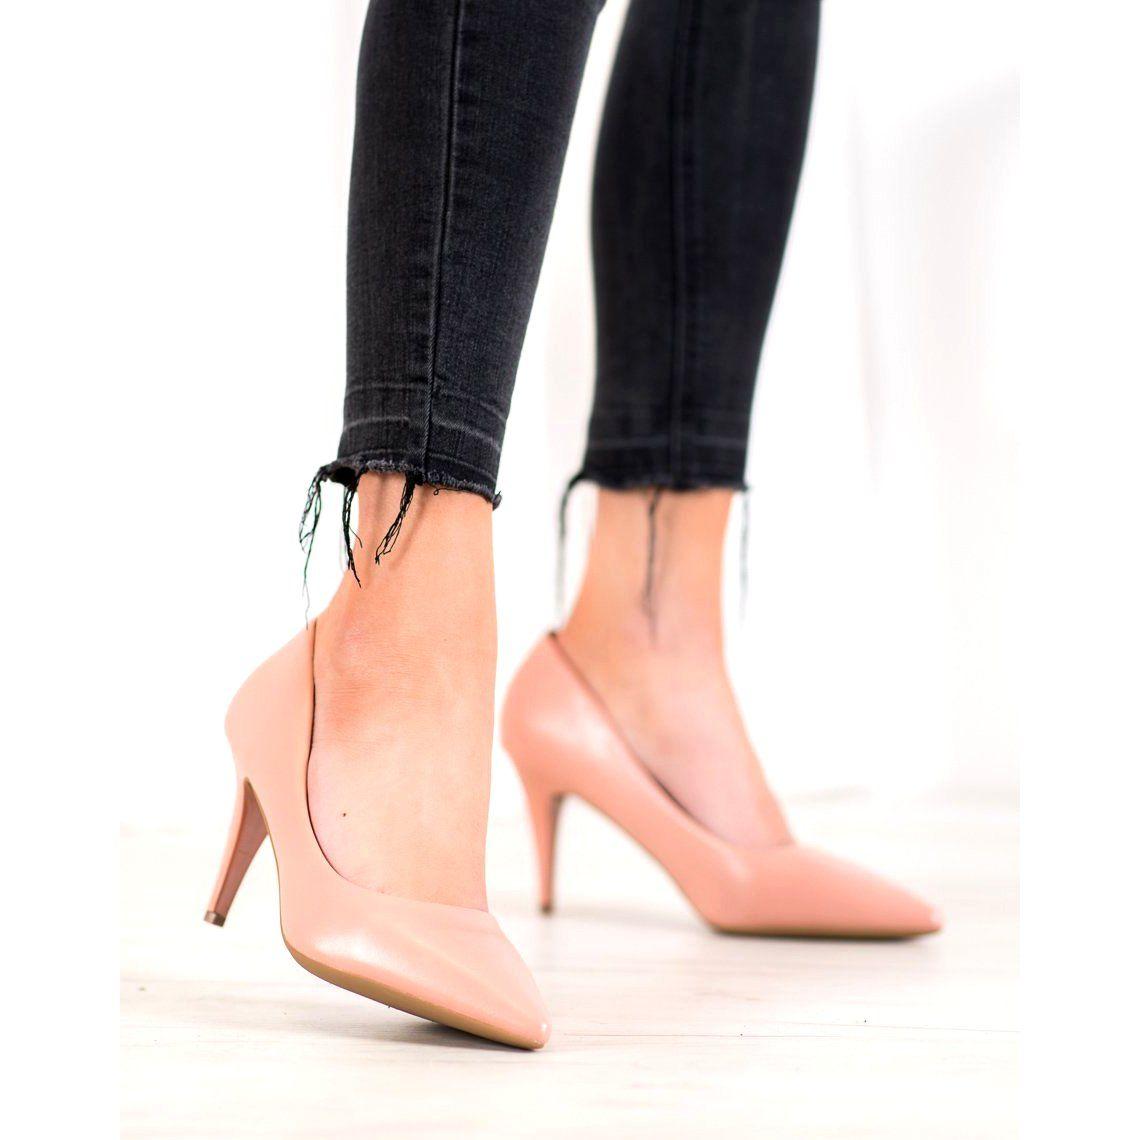 Shelovet Eleganckie Szpilki Z Eko Skory Rozowe Stiletto Heels Stiletto Heels